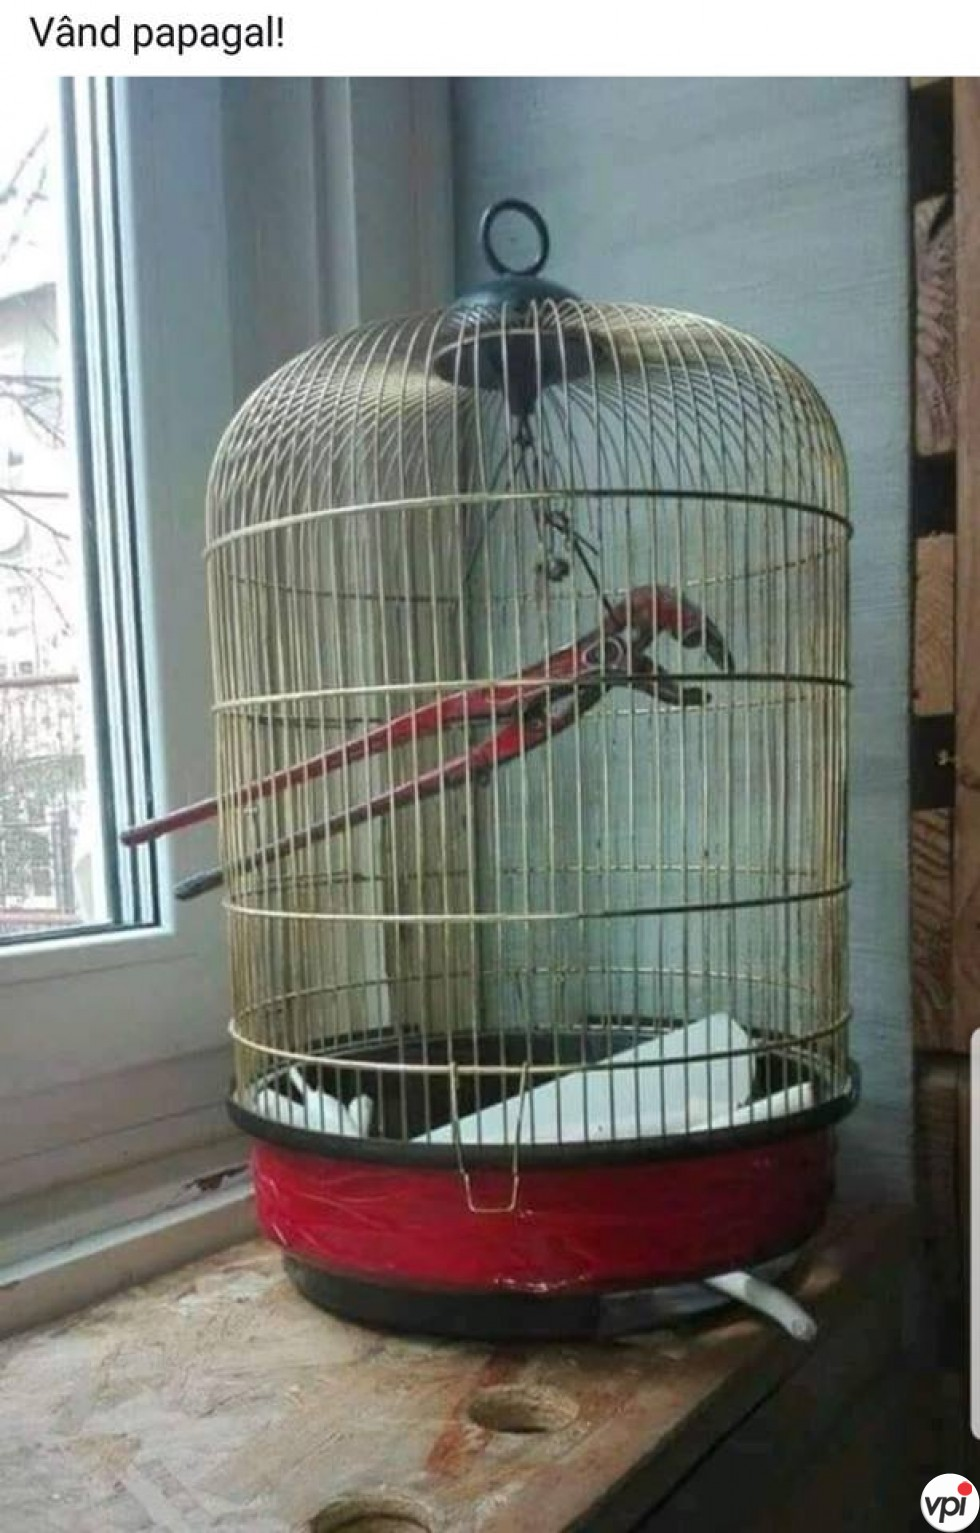 Vând papagal